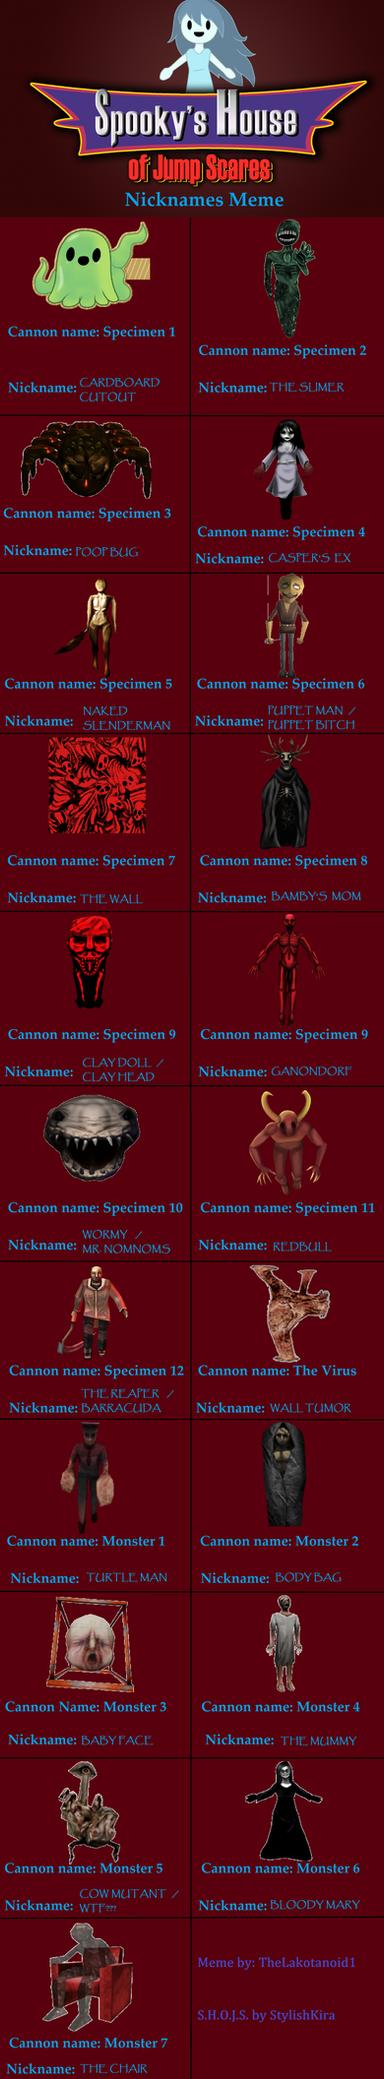 Spooky's House of Jump Scares Nickname Meme (mine) by thelakotanoid1